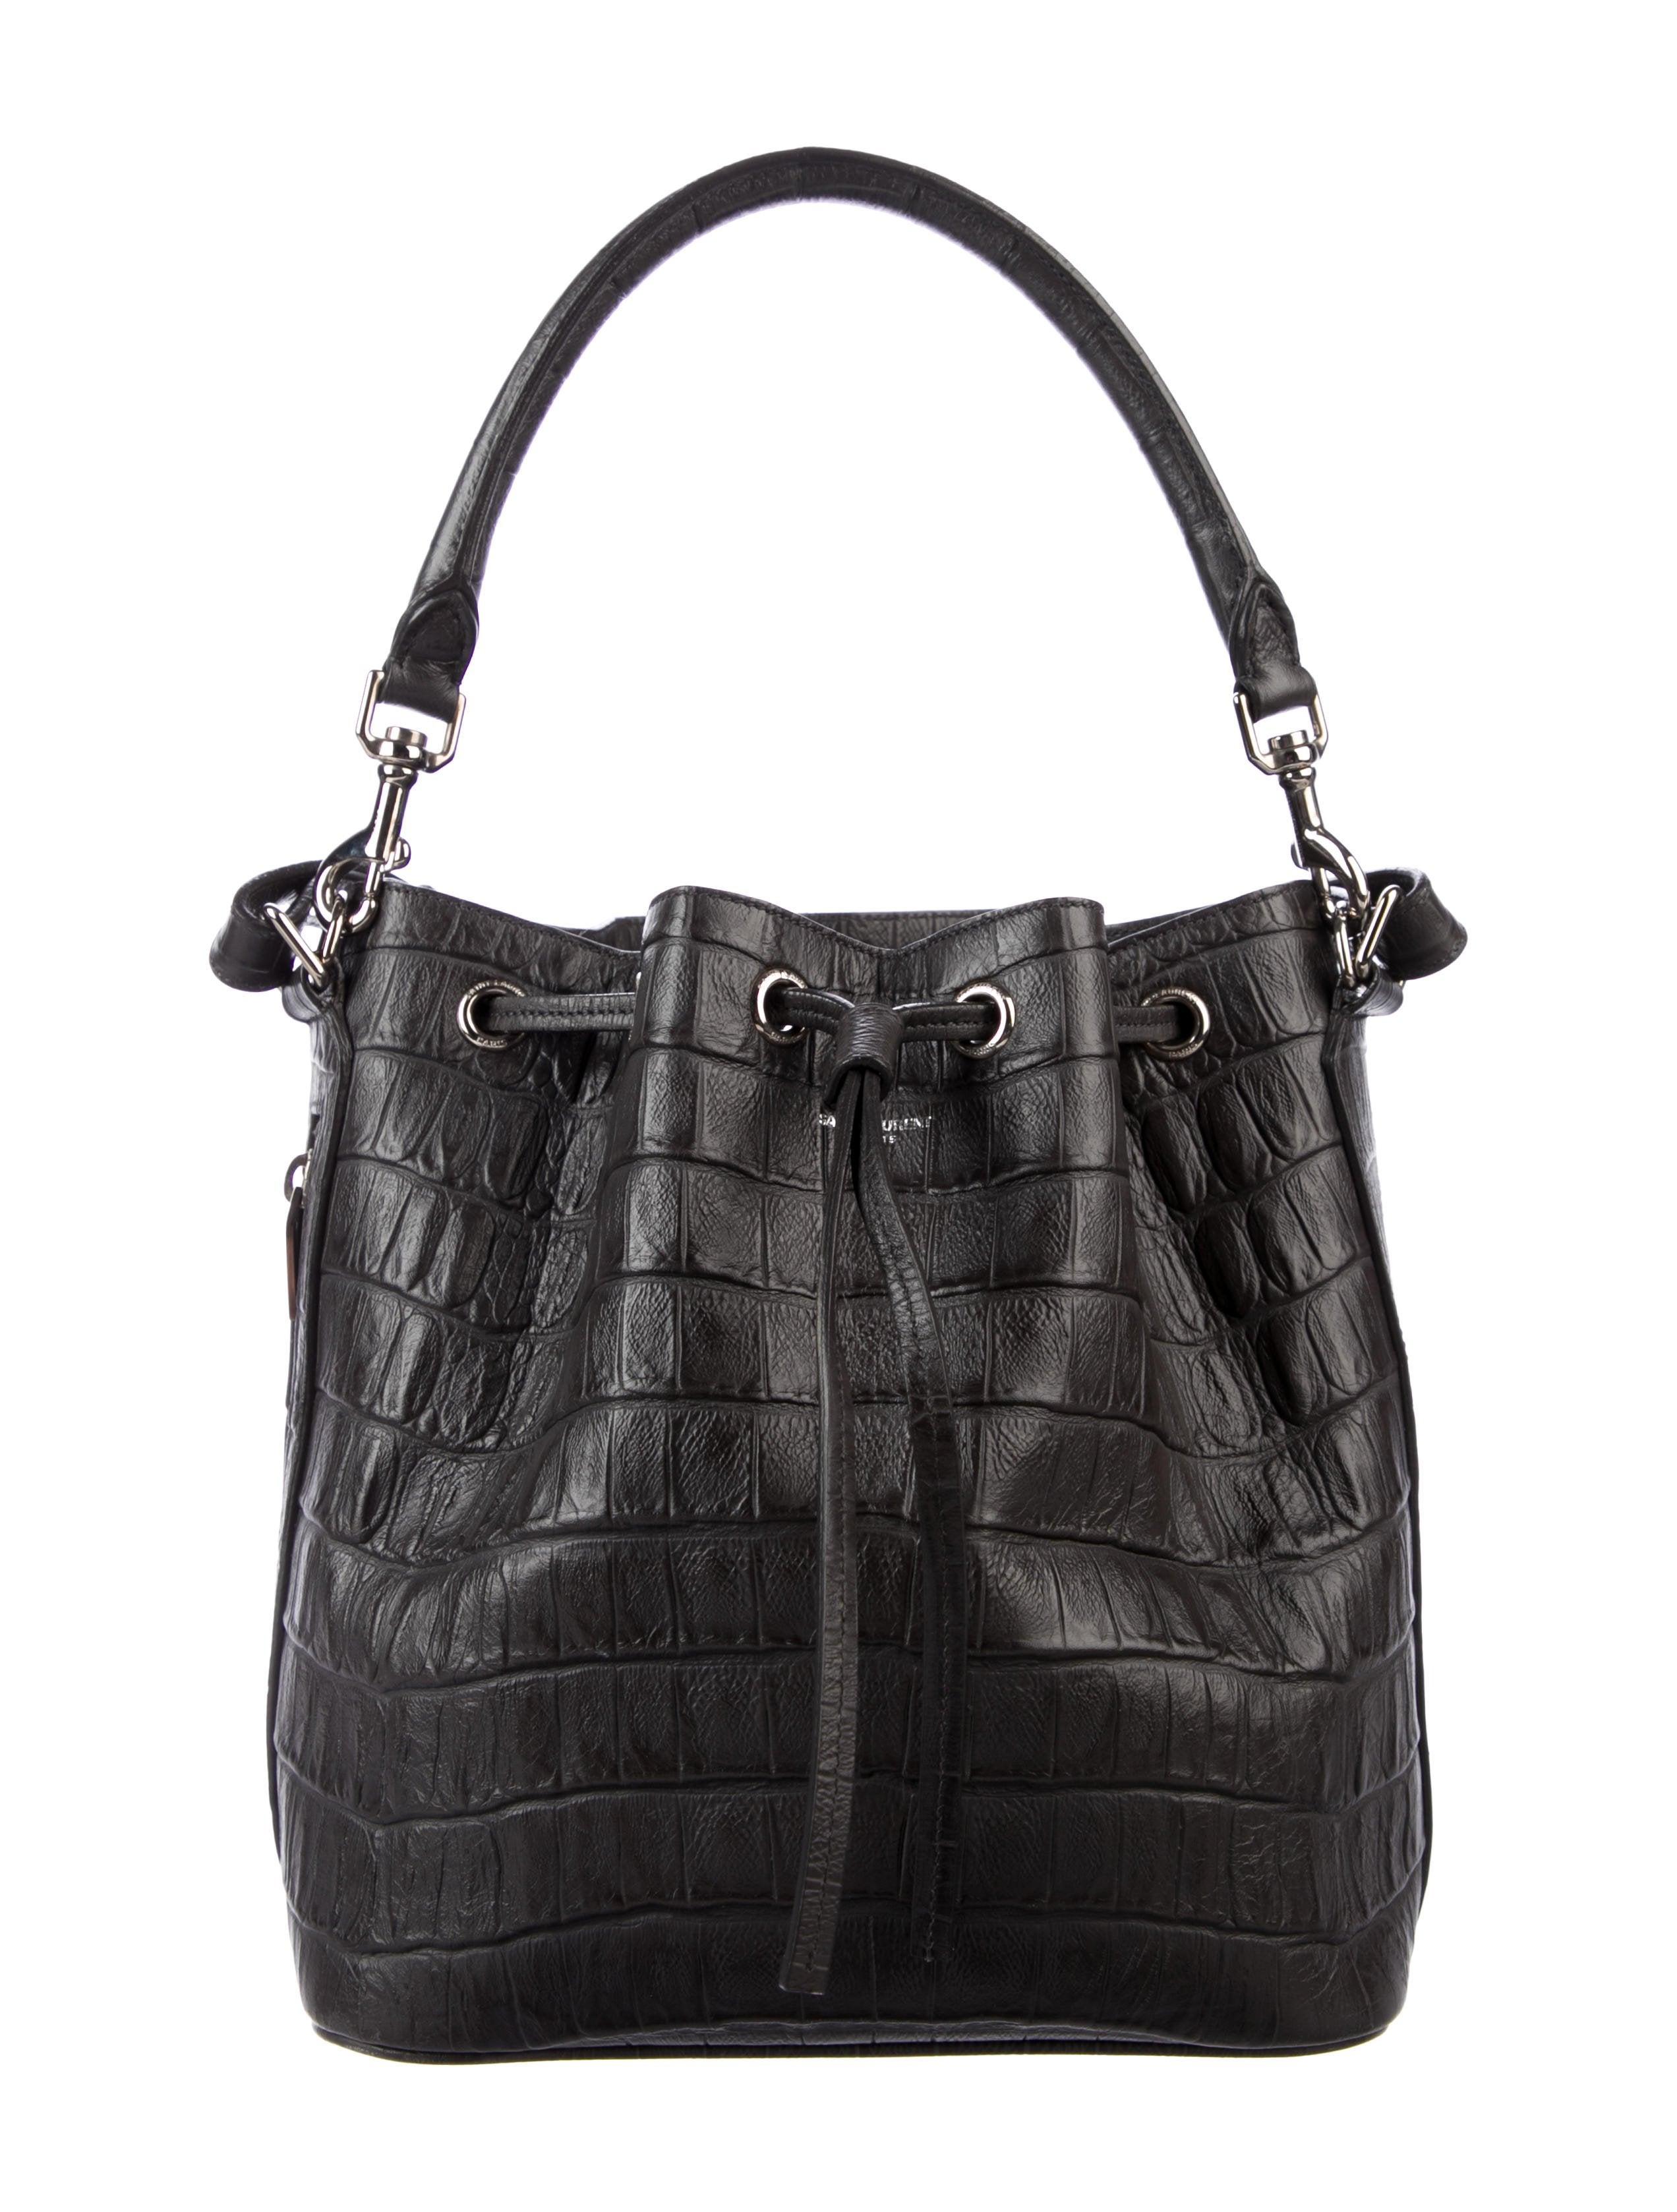 c4a805d545d6 Handbags